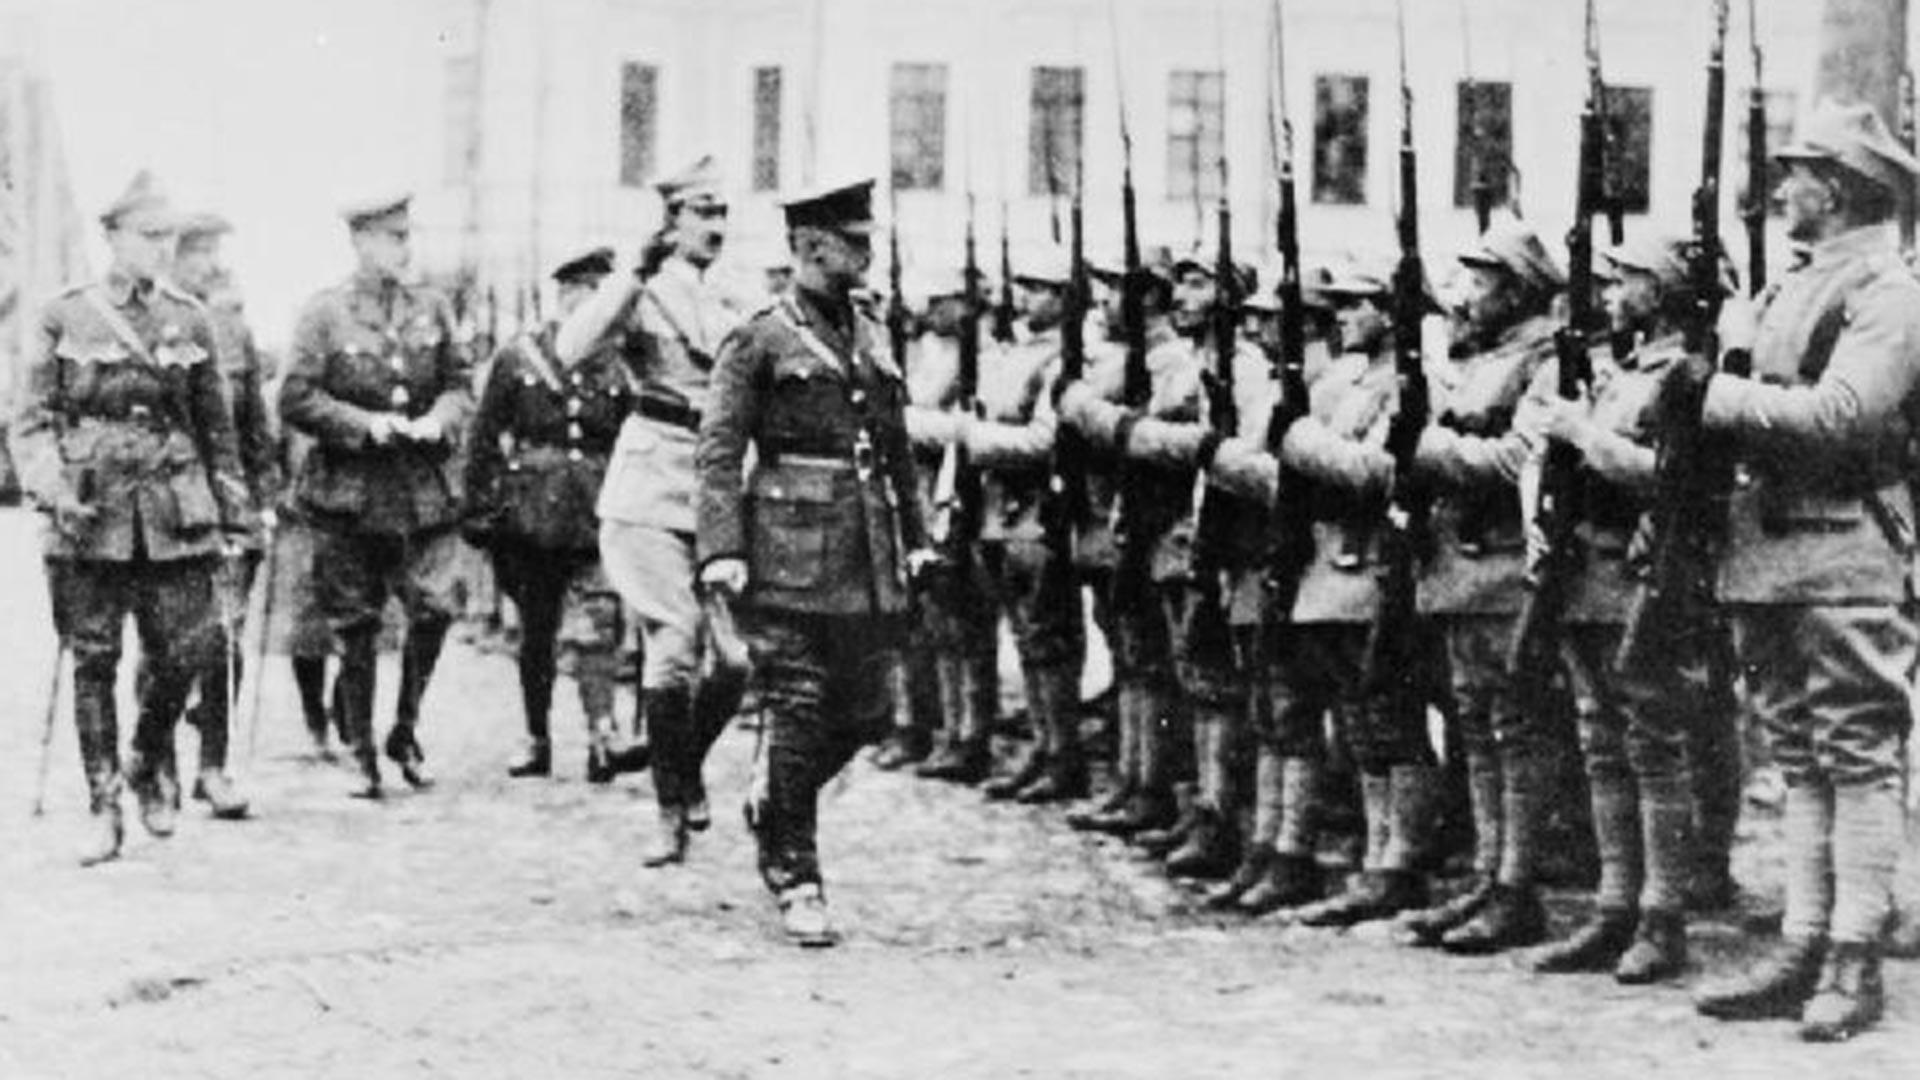 Полски, британски и френски офицери инспектират отряд полски войници от т. Нар. Мурмански батальон преди заминаването им за фронта, Архангелск, 1919 г.